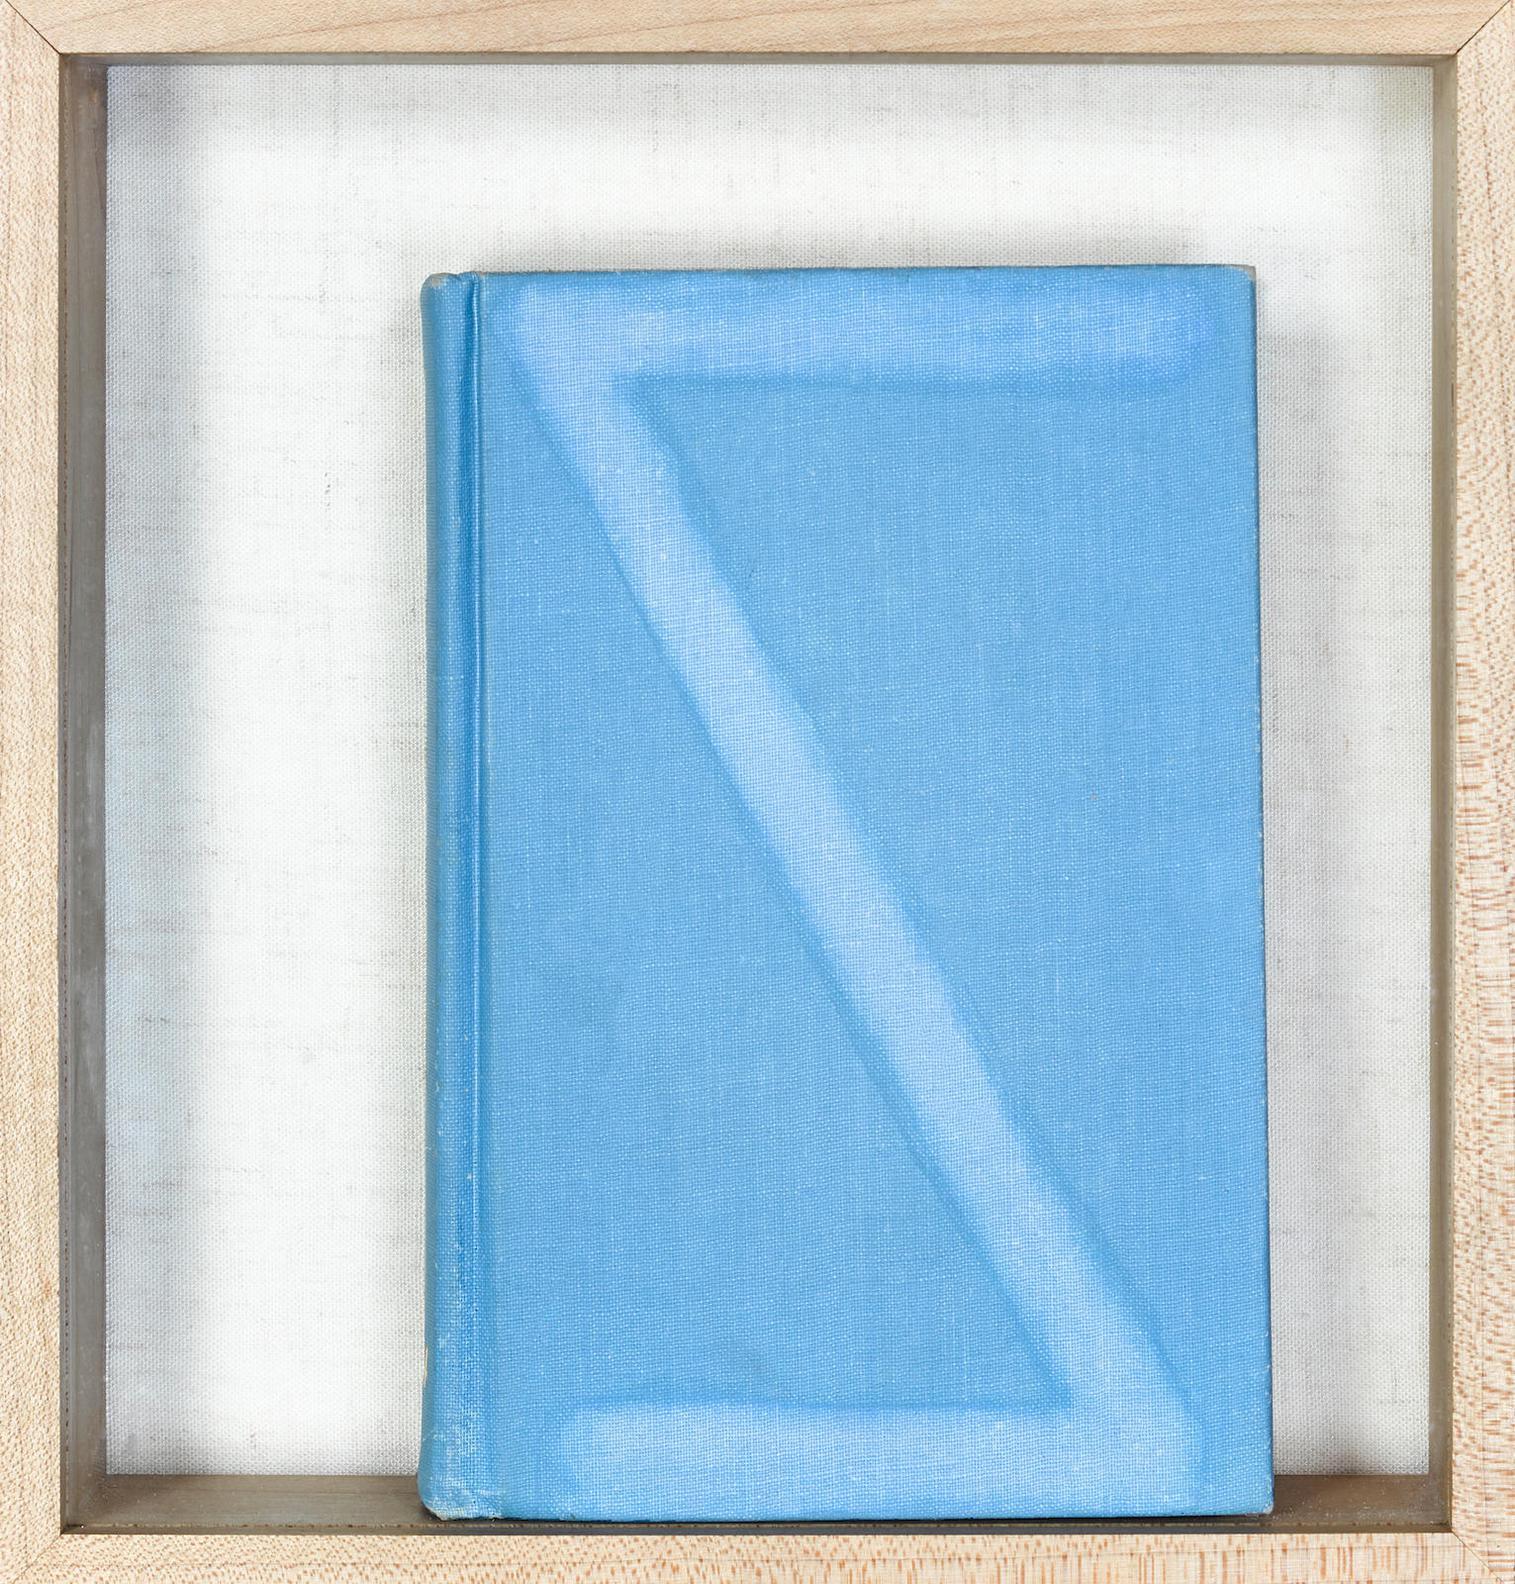 Ed Ruscha-S (On Floors Spain - 1971 Edition)-2001